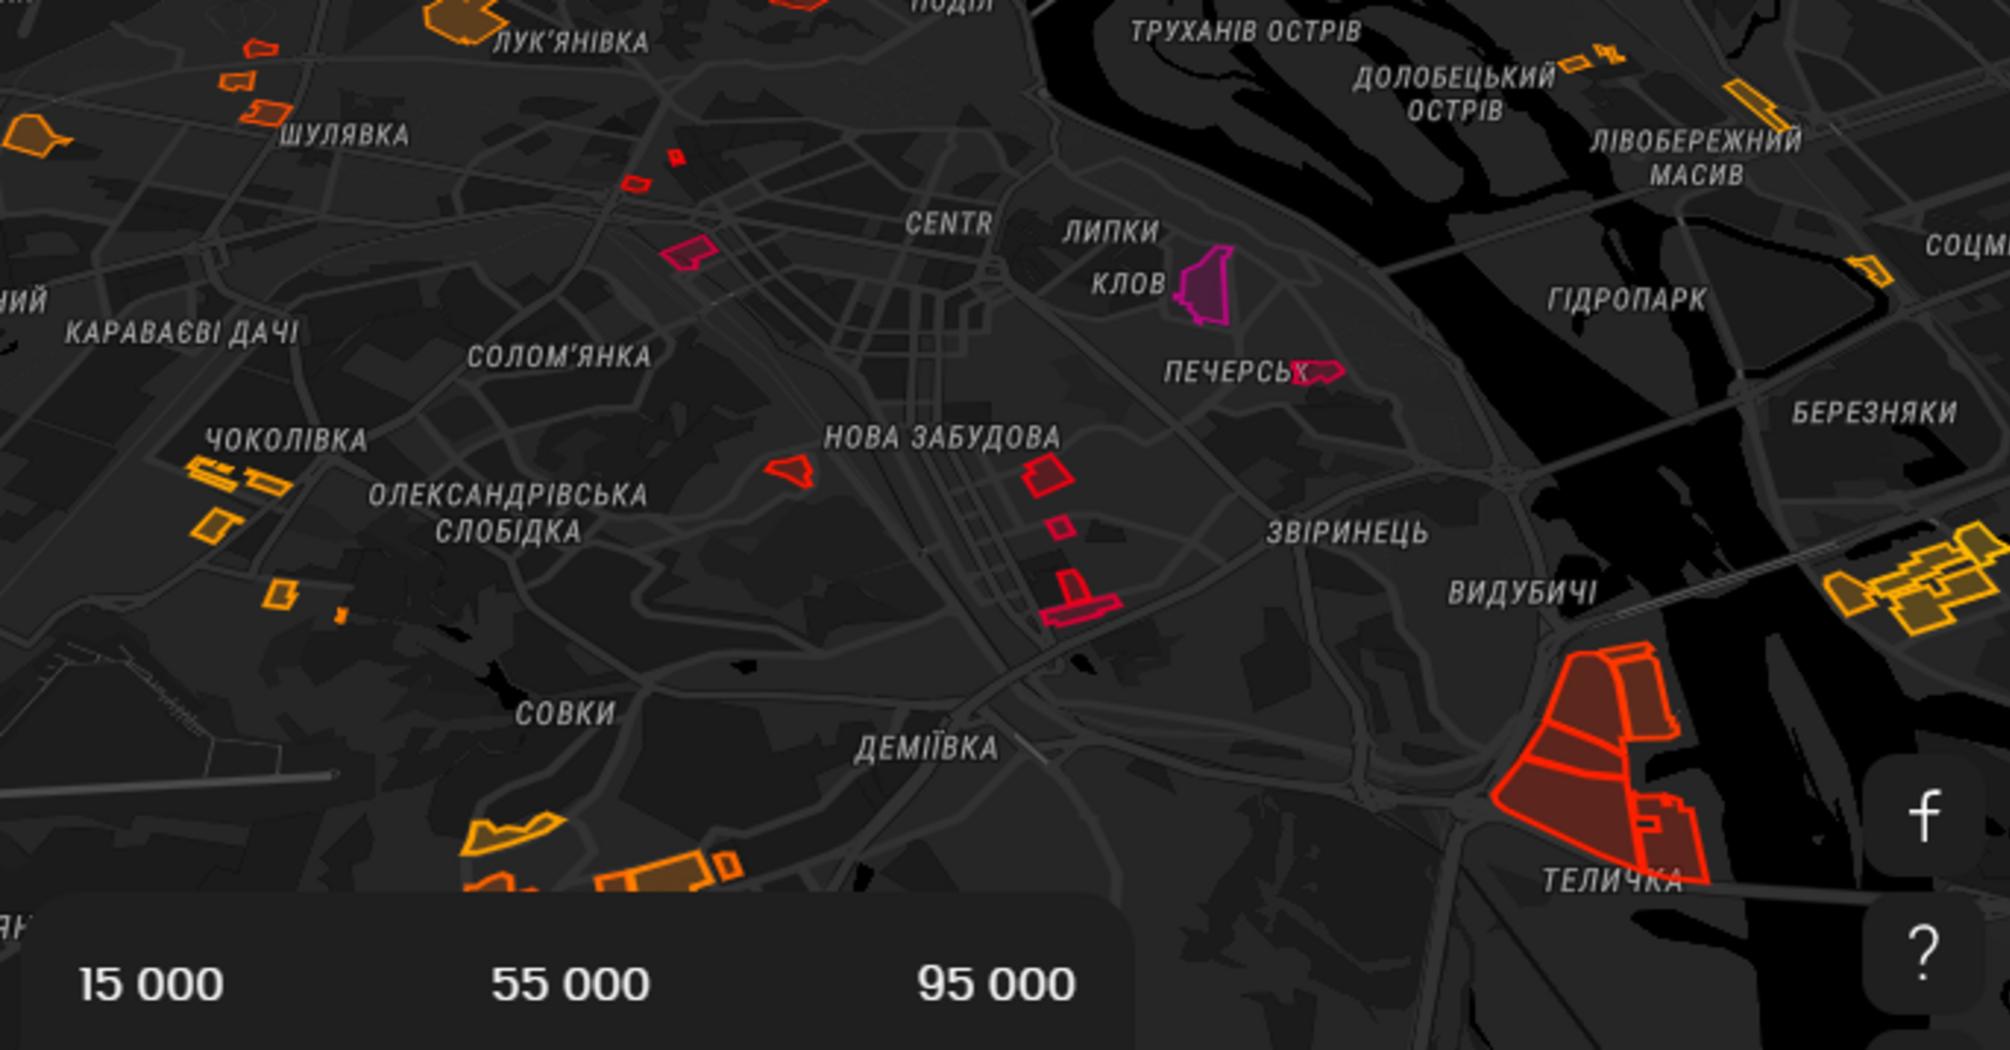 Забудовники зможуть отримати 4 трлн грн доходу у разі забудови тільки 20% промзон Києва